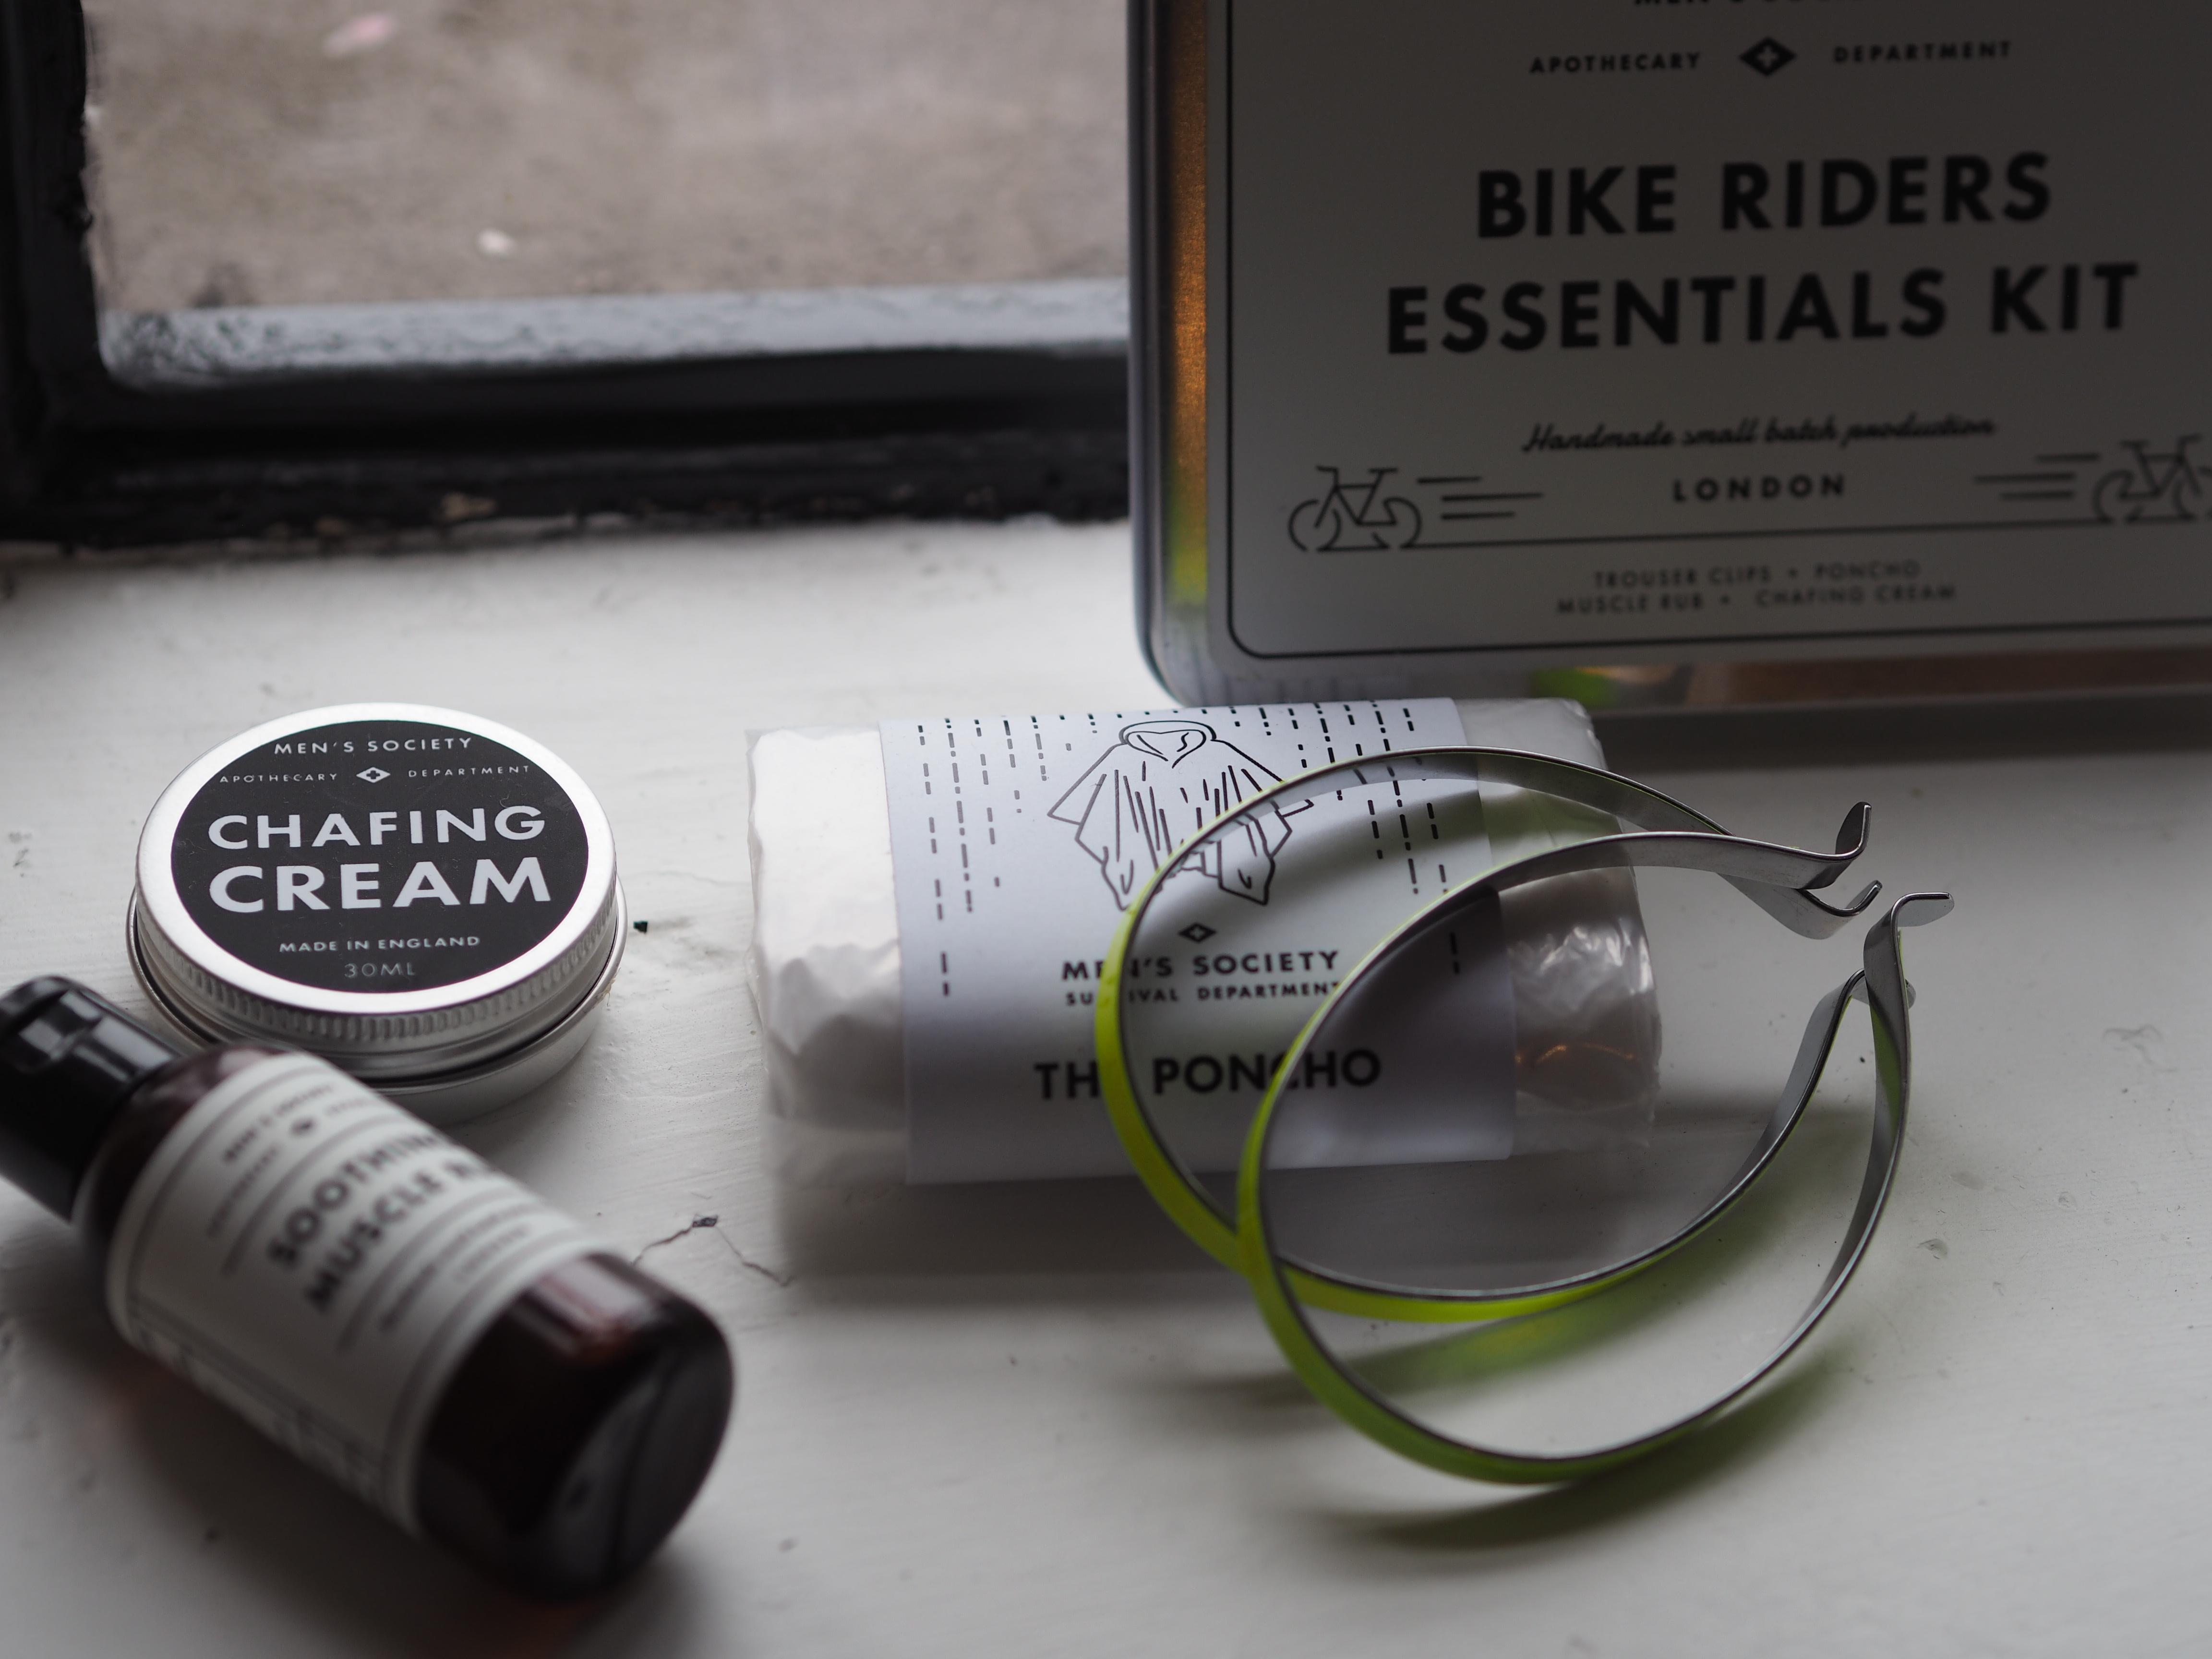 Bike riders essentials kit